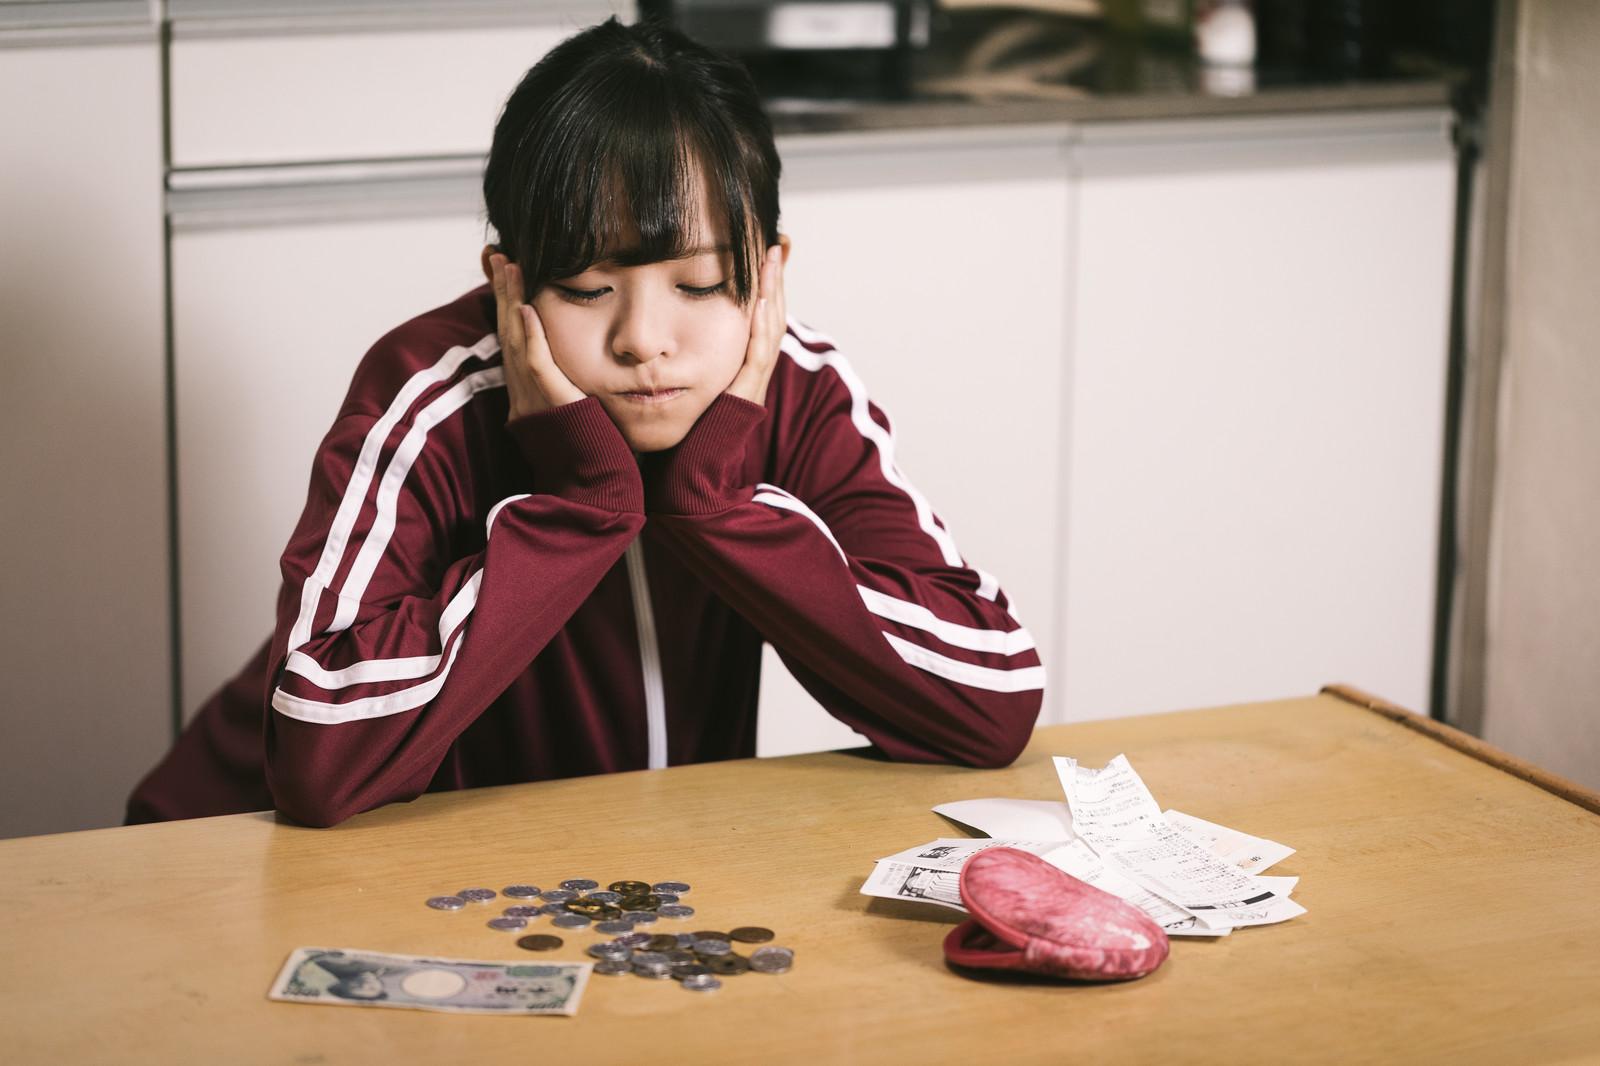 大学生はお金を使いすぎ?いますぐ貯金しないと大後悔することに!